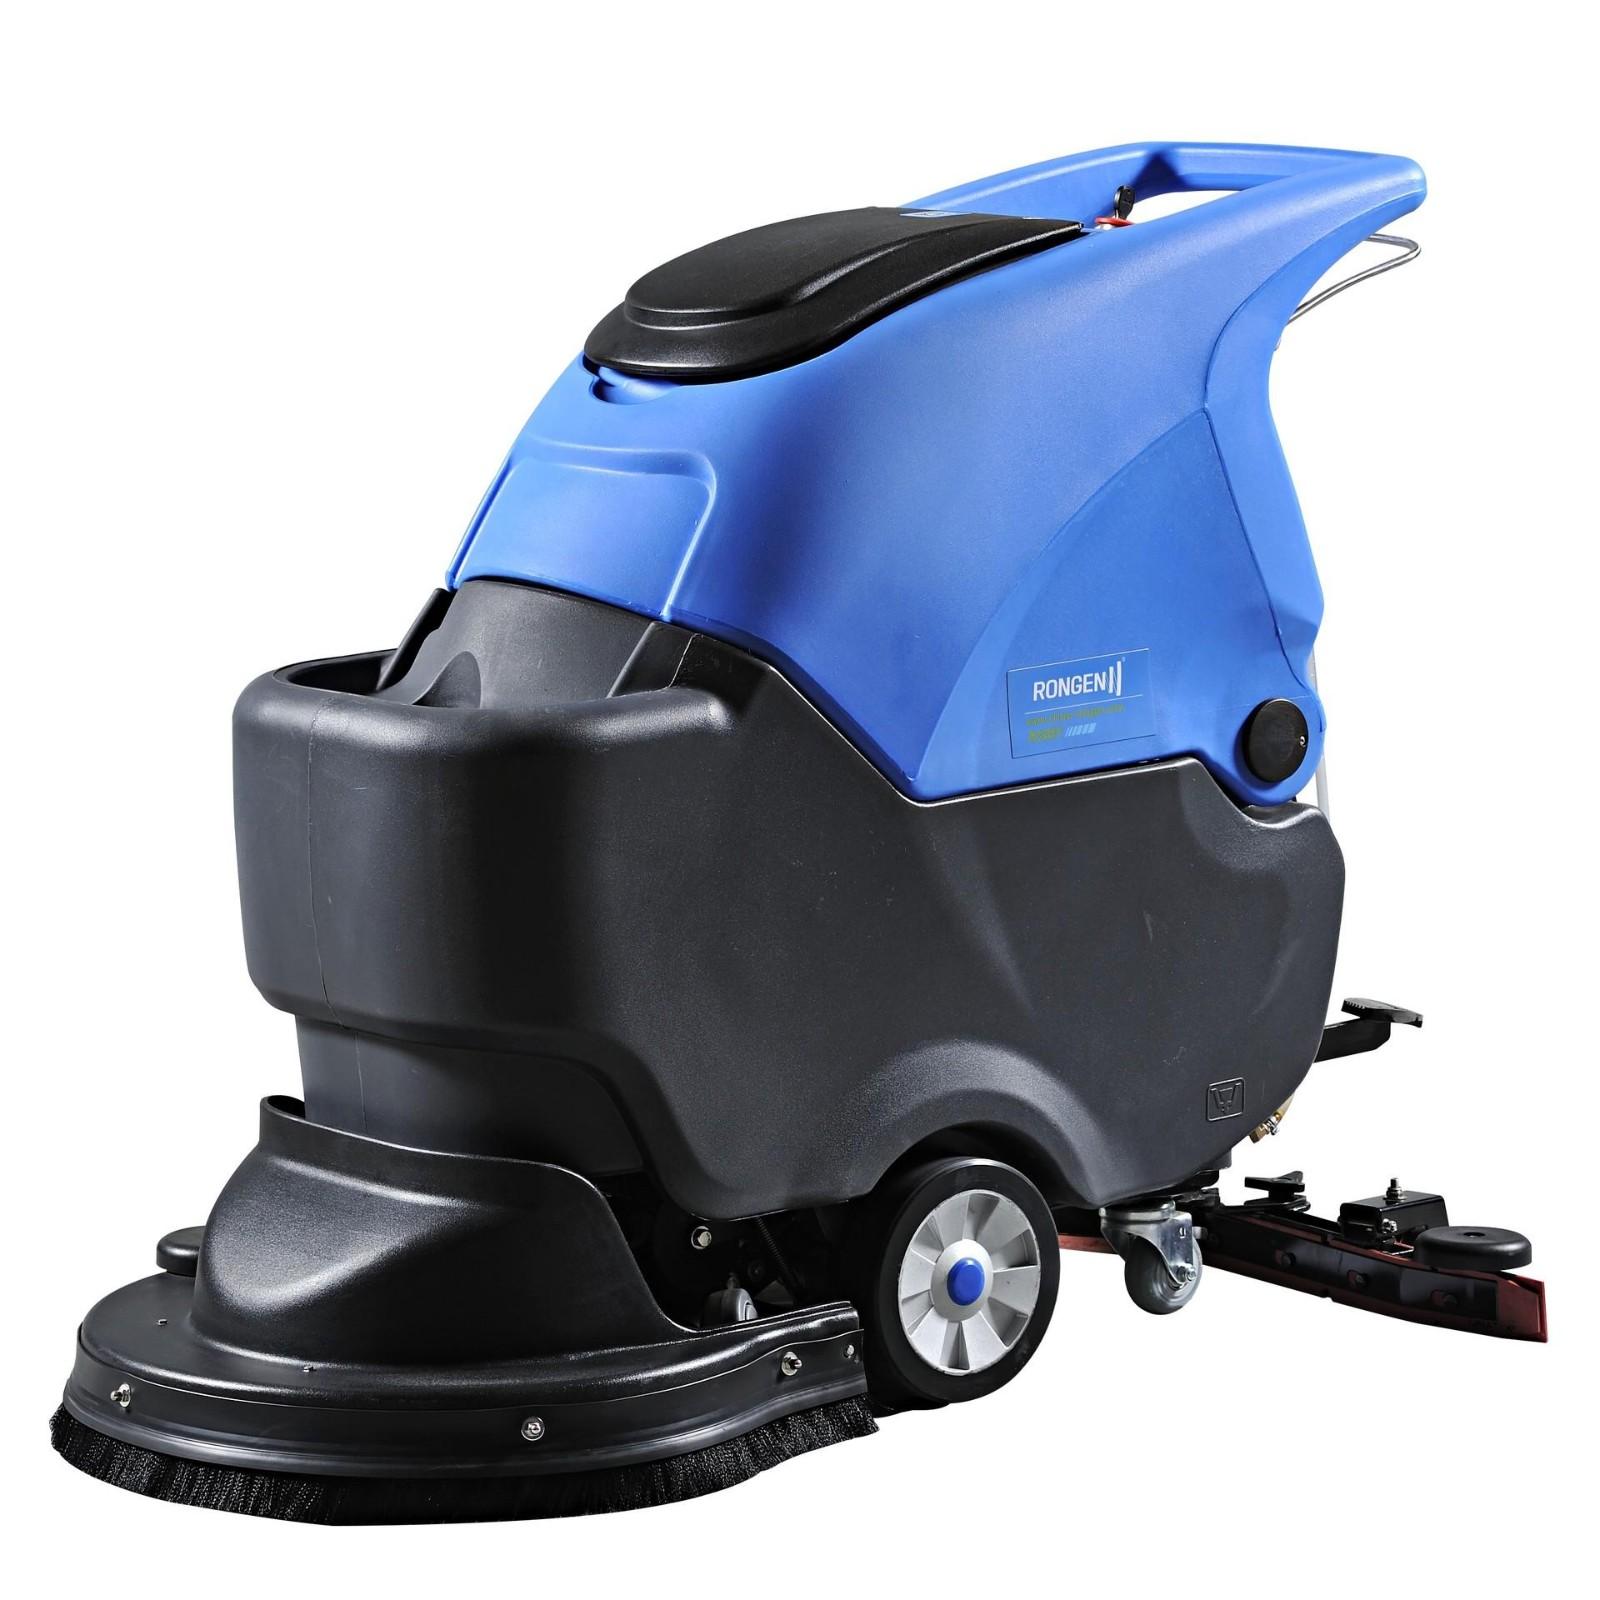 洗地机品牌排行榜  洗地机多少钱一台